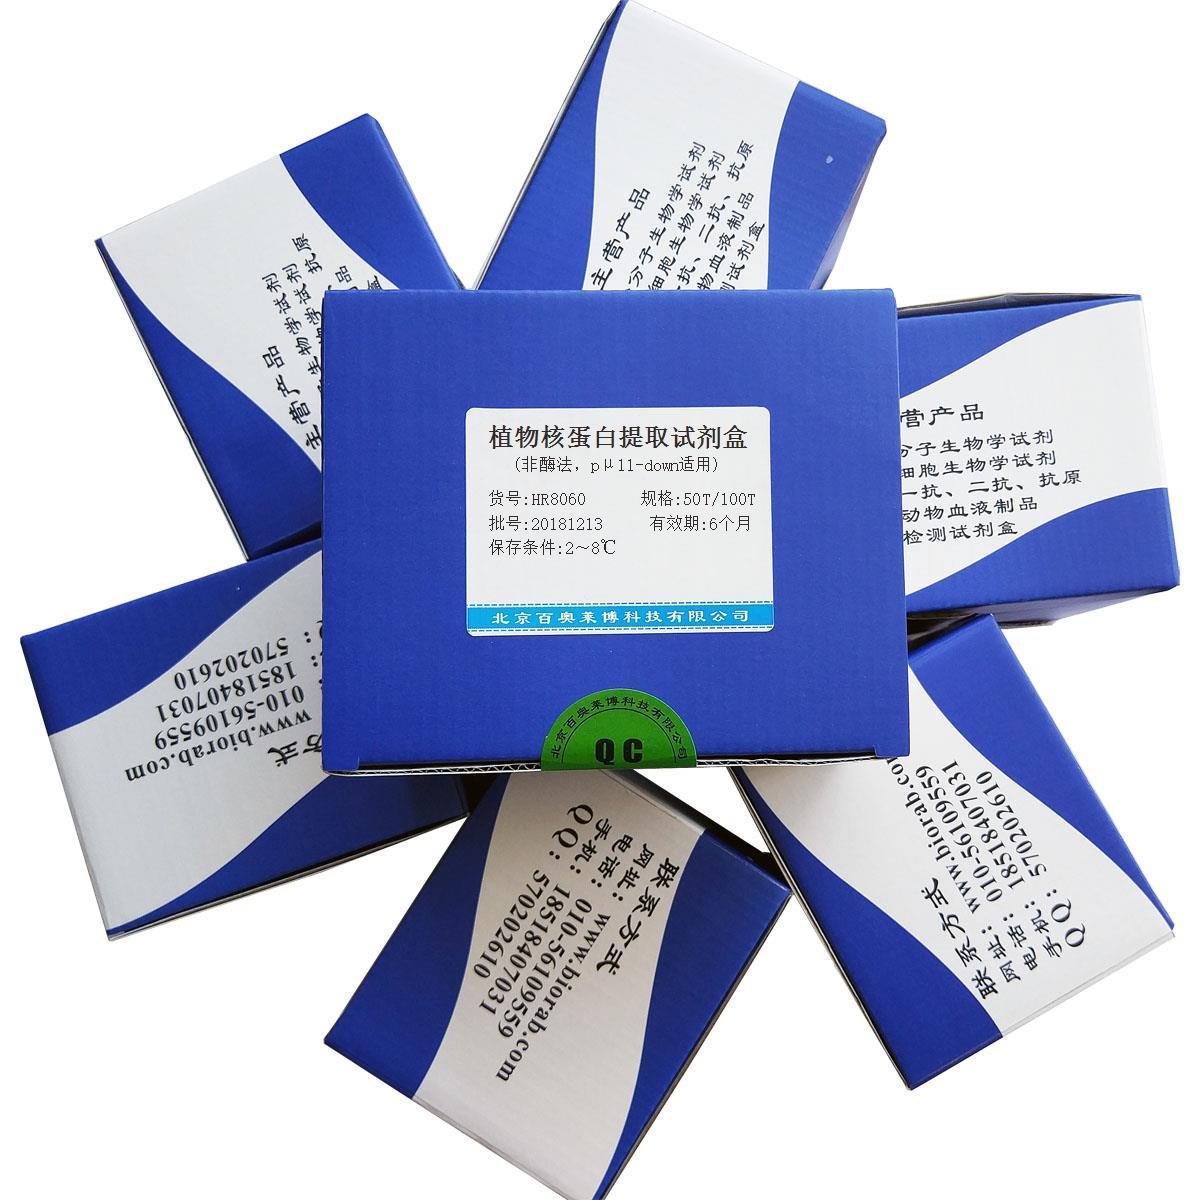 植物核蛋白提取试剂盒(非酶法,pμll-down适用)